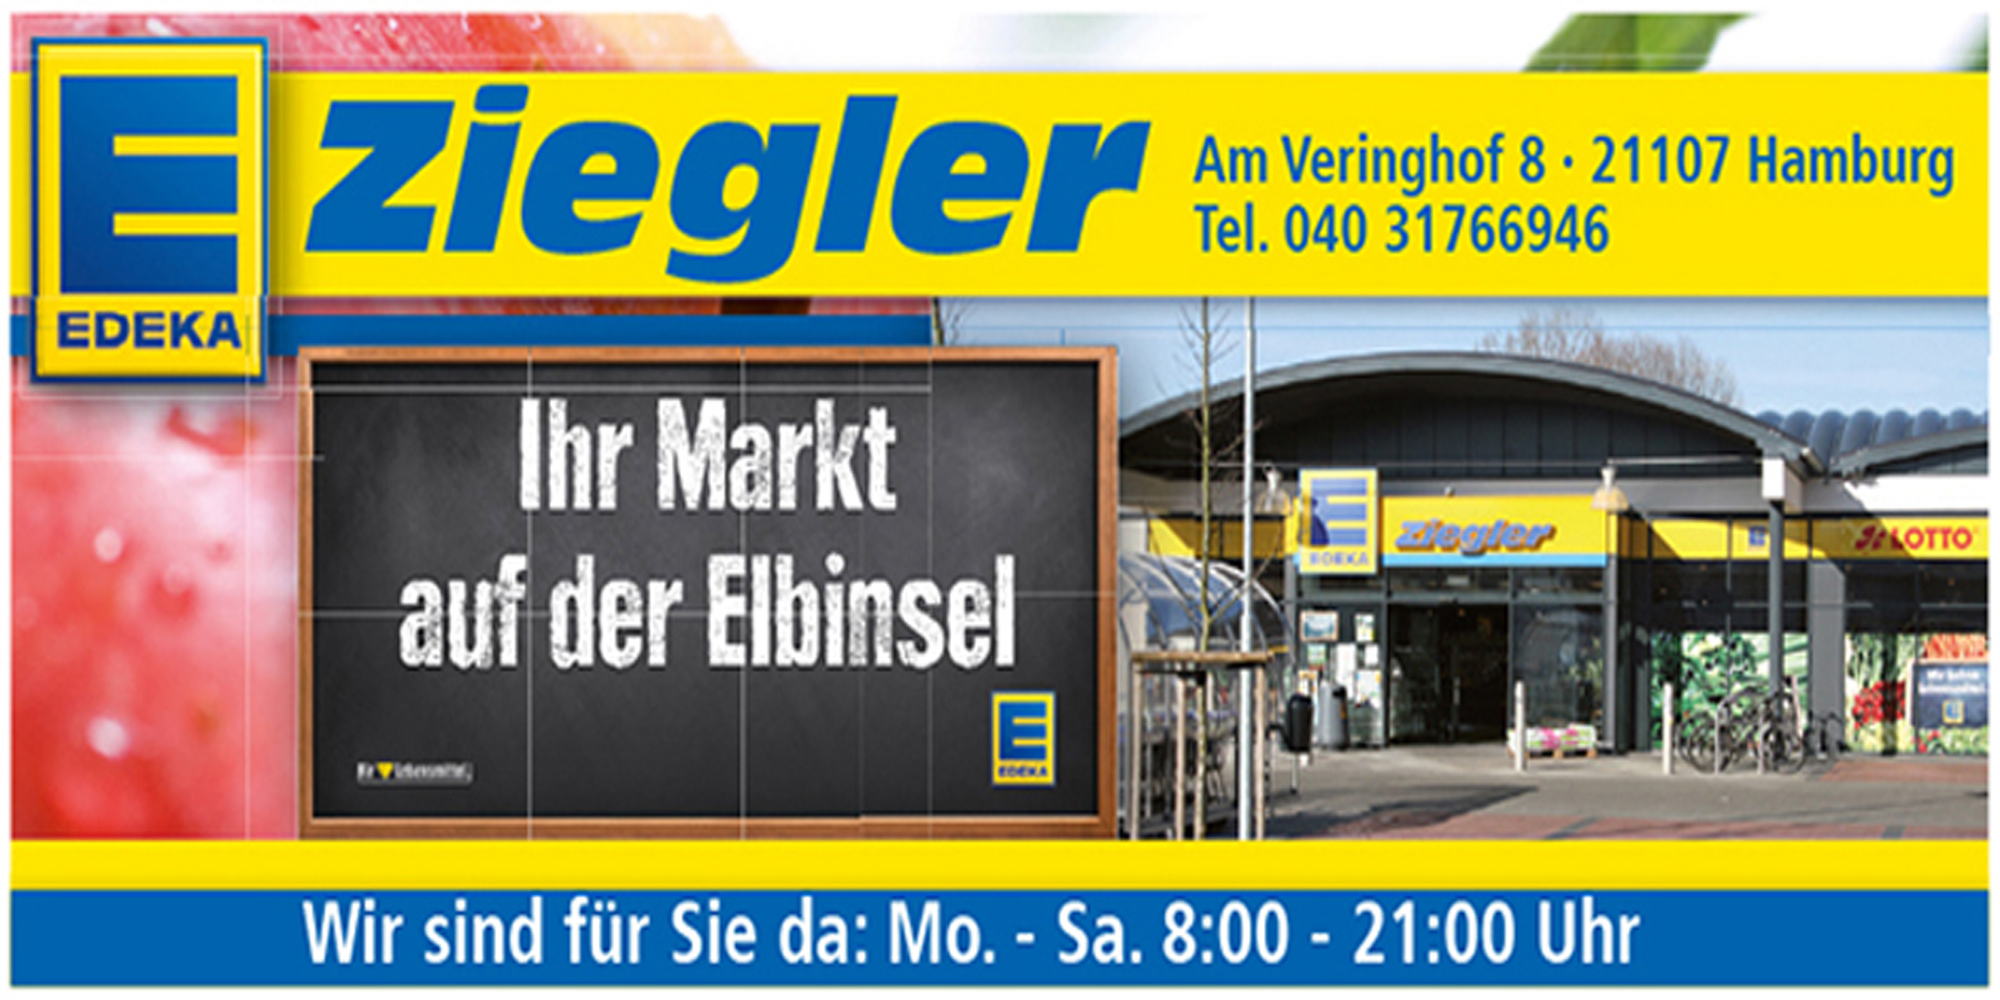 Kuchen Und Torten Im Edeka Markt Ziegler Radio Hamburg Hörer